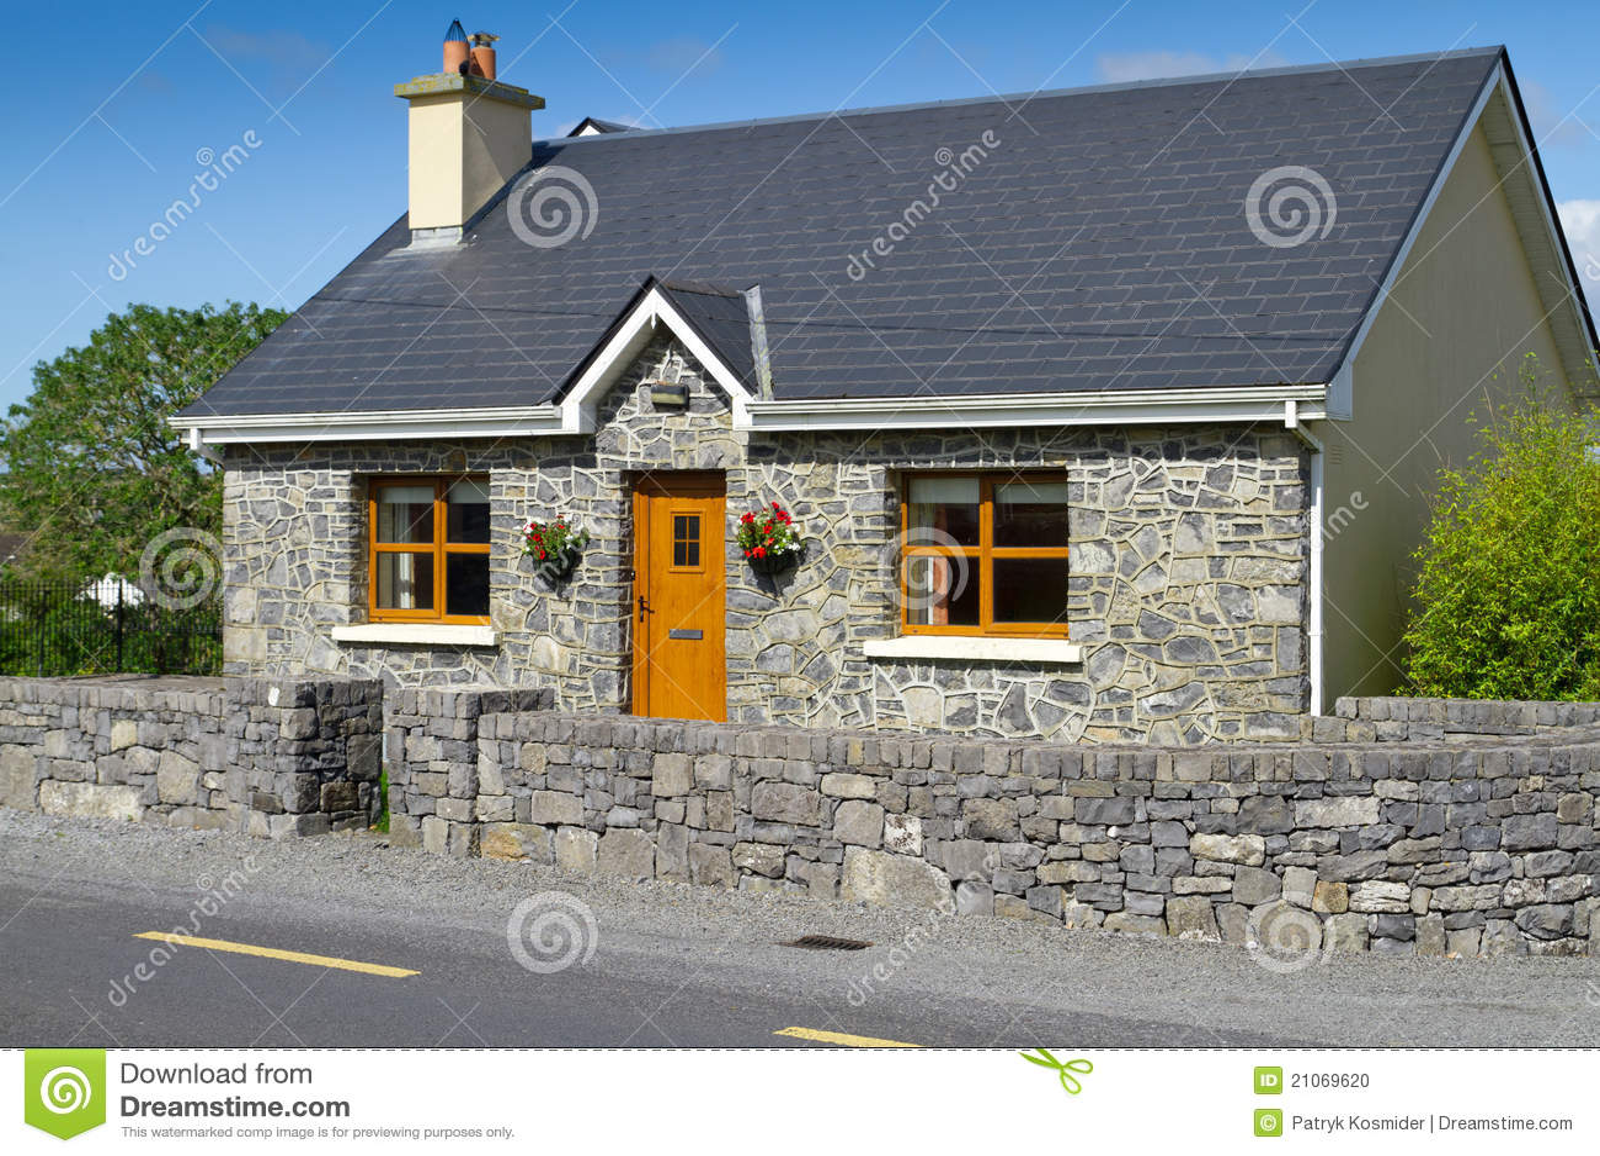 Irish Stone Cottage House Stock Photo Image 21069620